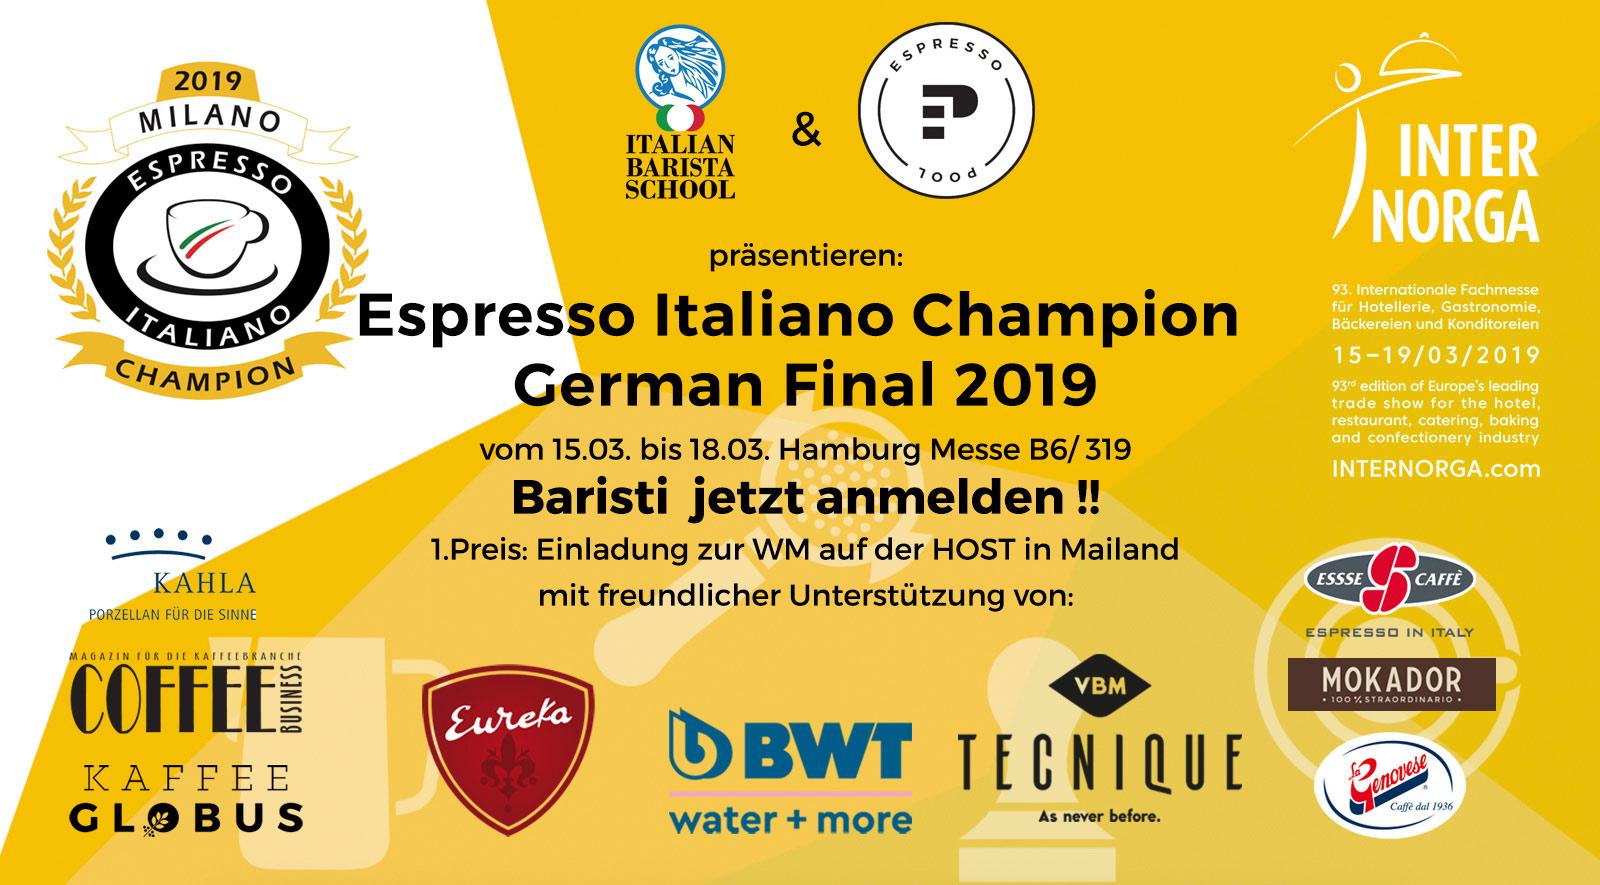 EspressoPool präsentiert: Die deutsche Espresso Italiano Barista Meisterschaft 2019